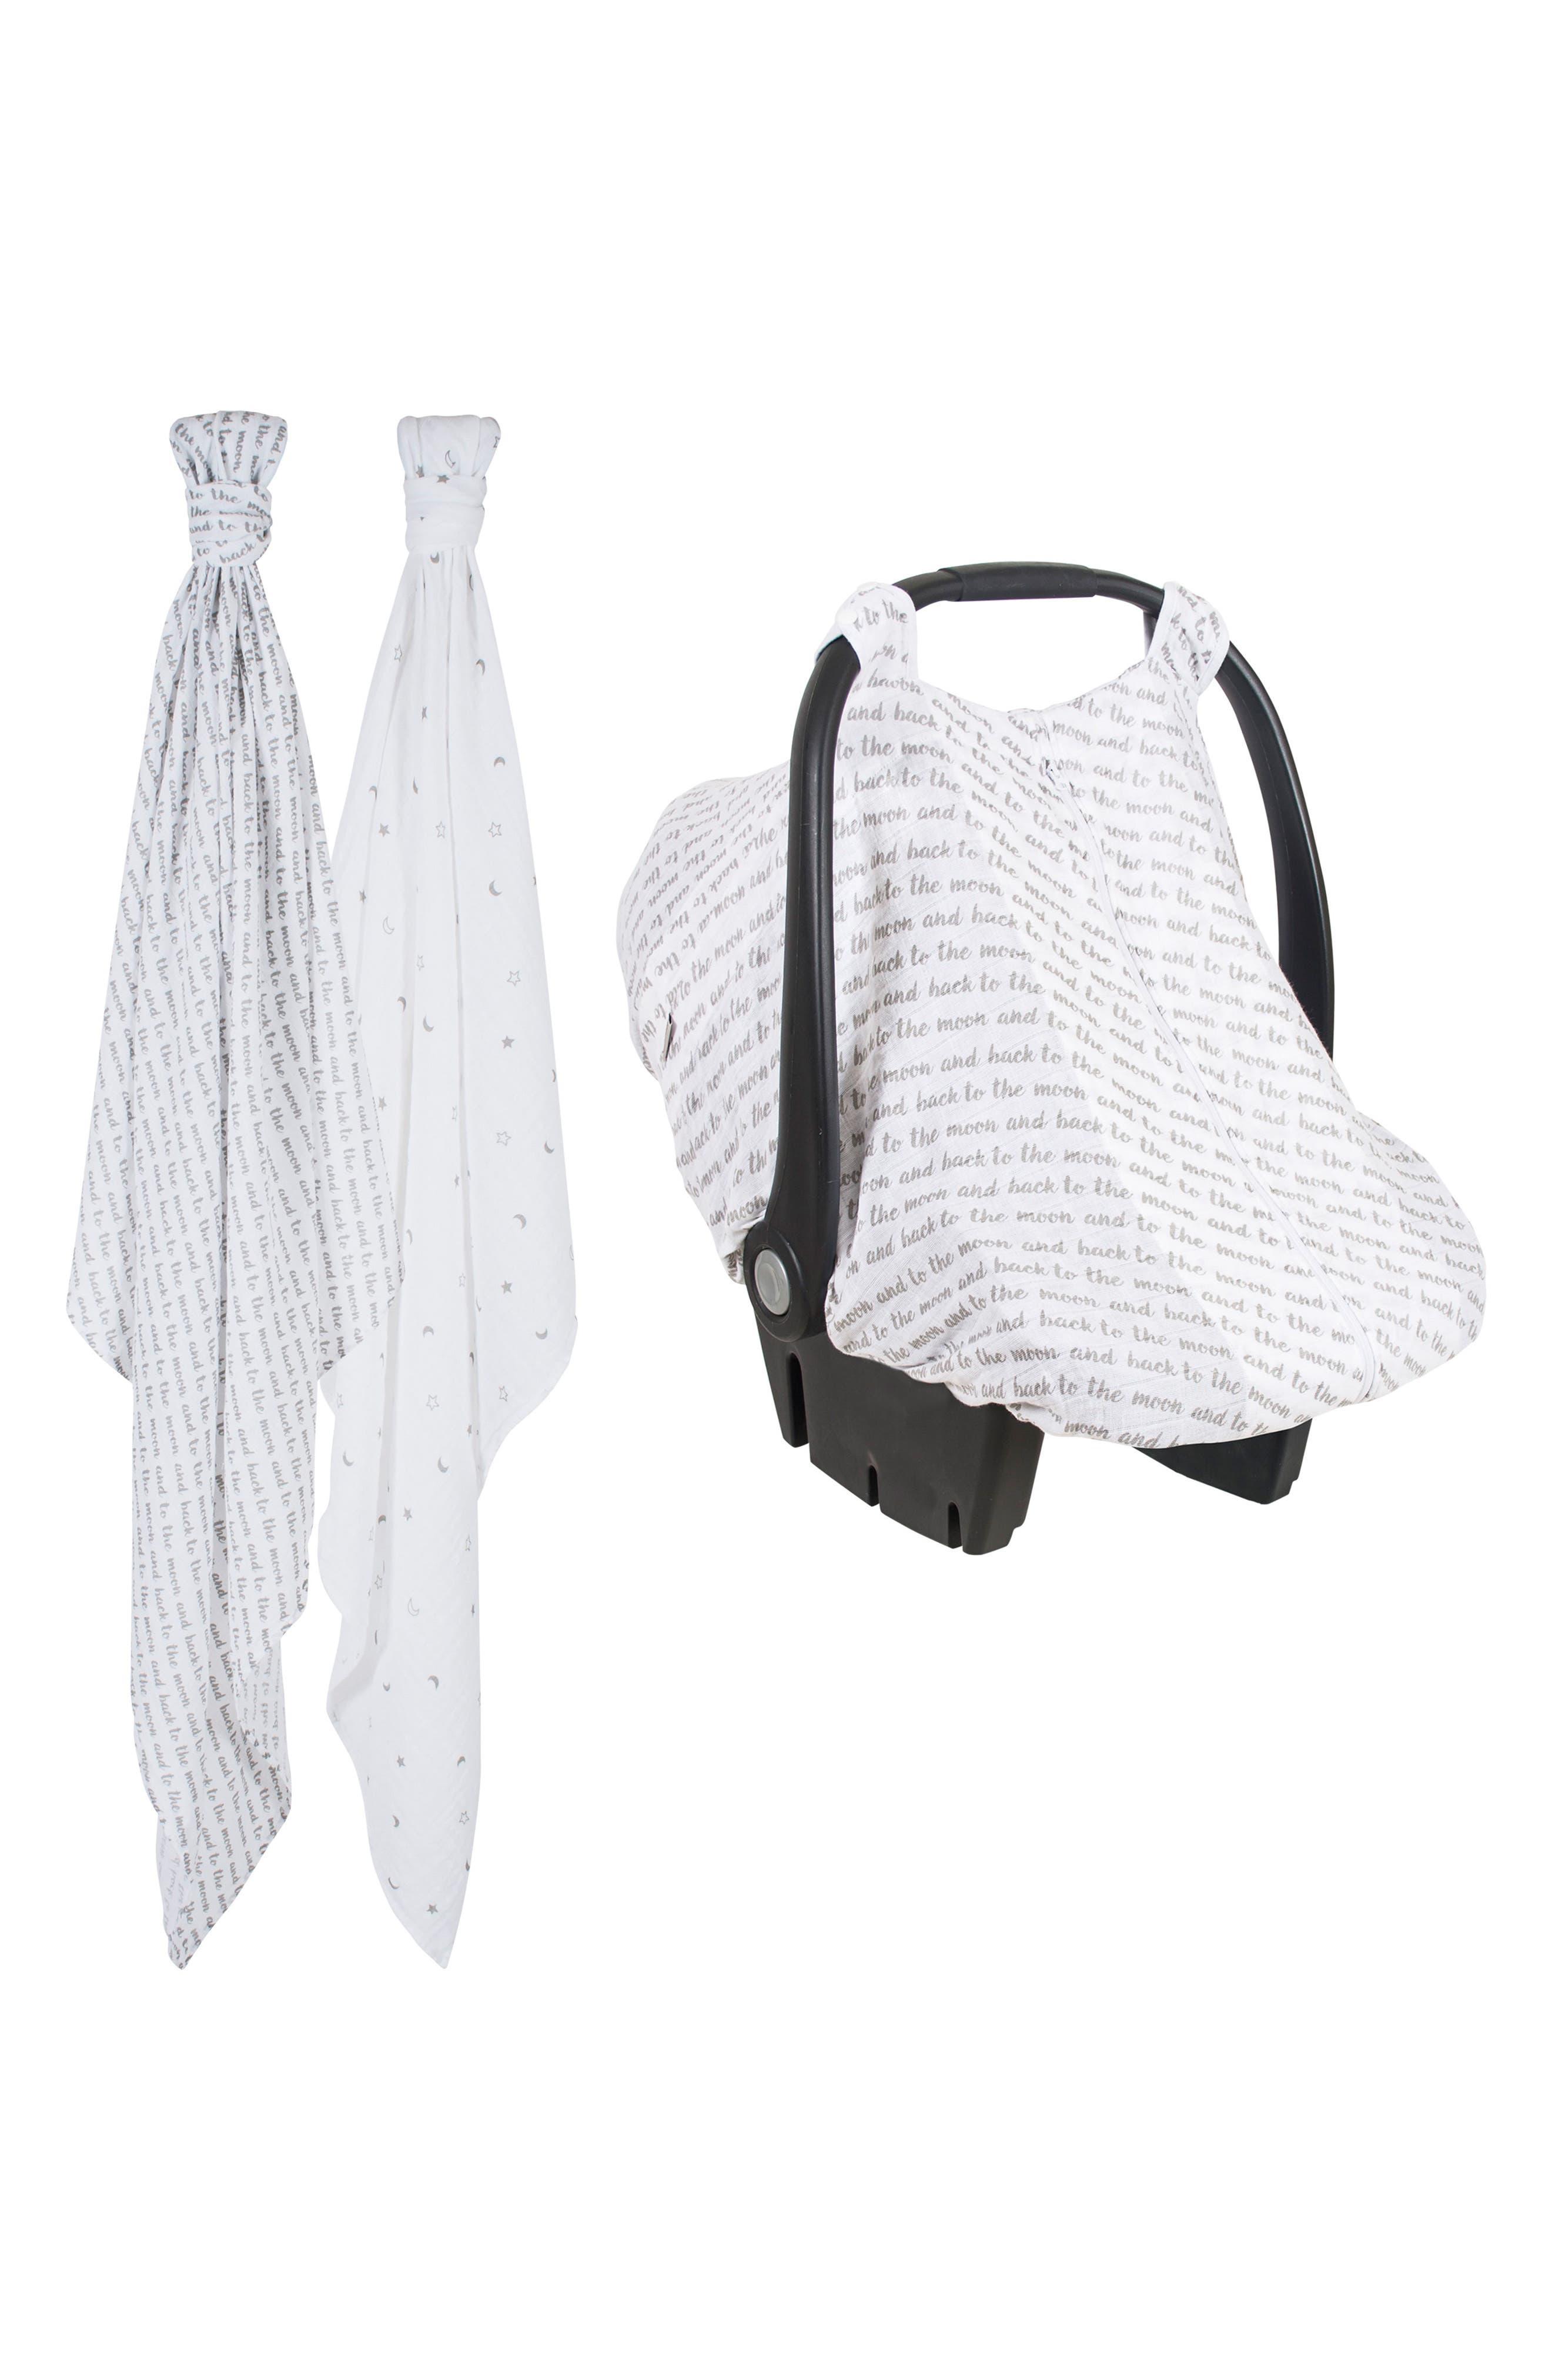 Bébé au Lait 2-Pack Muslin Swaddling Cloths & Car Seat Cover Set